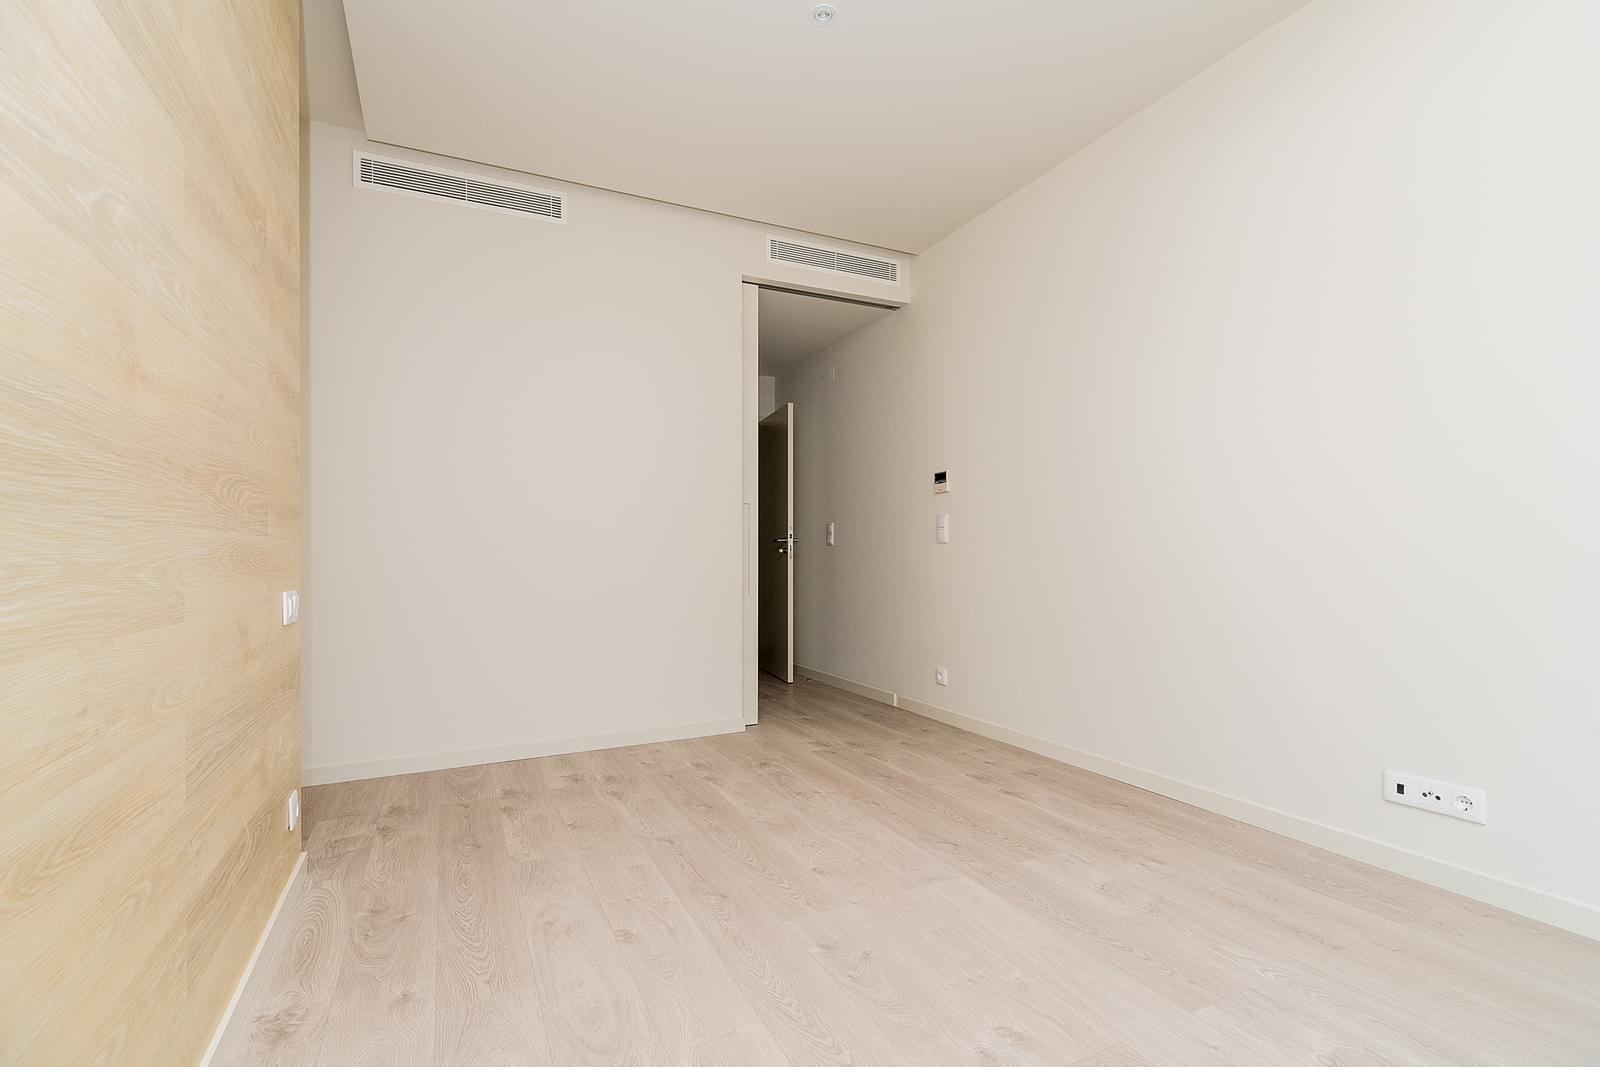 pf18308-apartamento-t2-lisboa-8a244da6-6075-47a0-be1b-d2d018fb316a